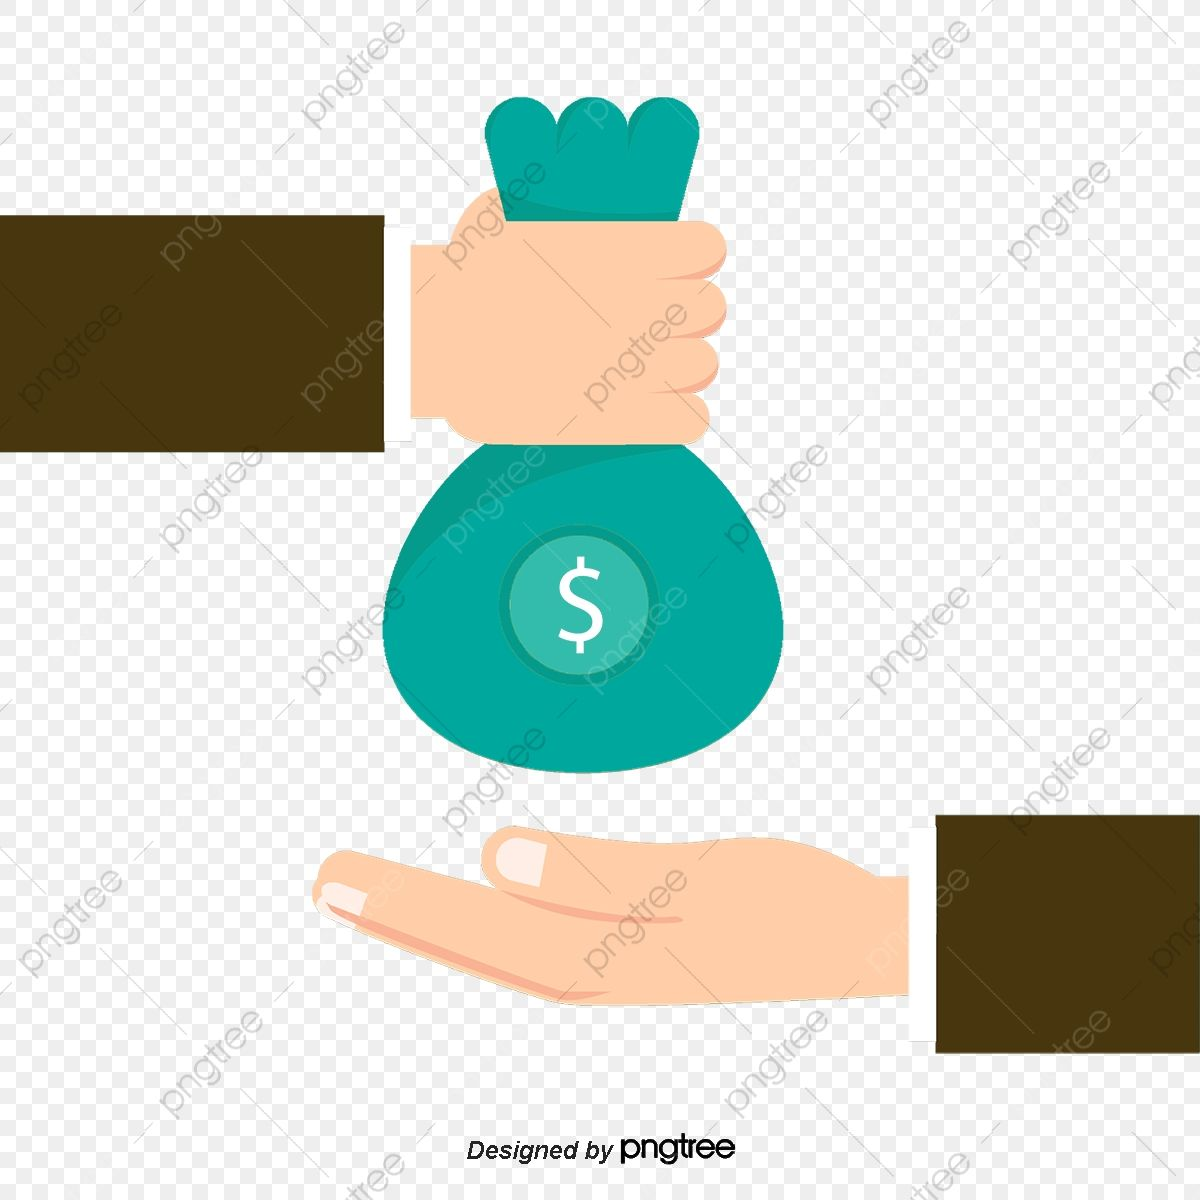 gambar memberikan uang bahan vektor bahan vektor wang rata transaksi png dan psd untuk muat turun percuma di 2020 uang beri grafik pinterest